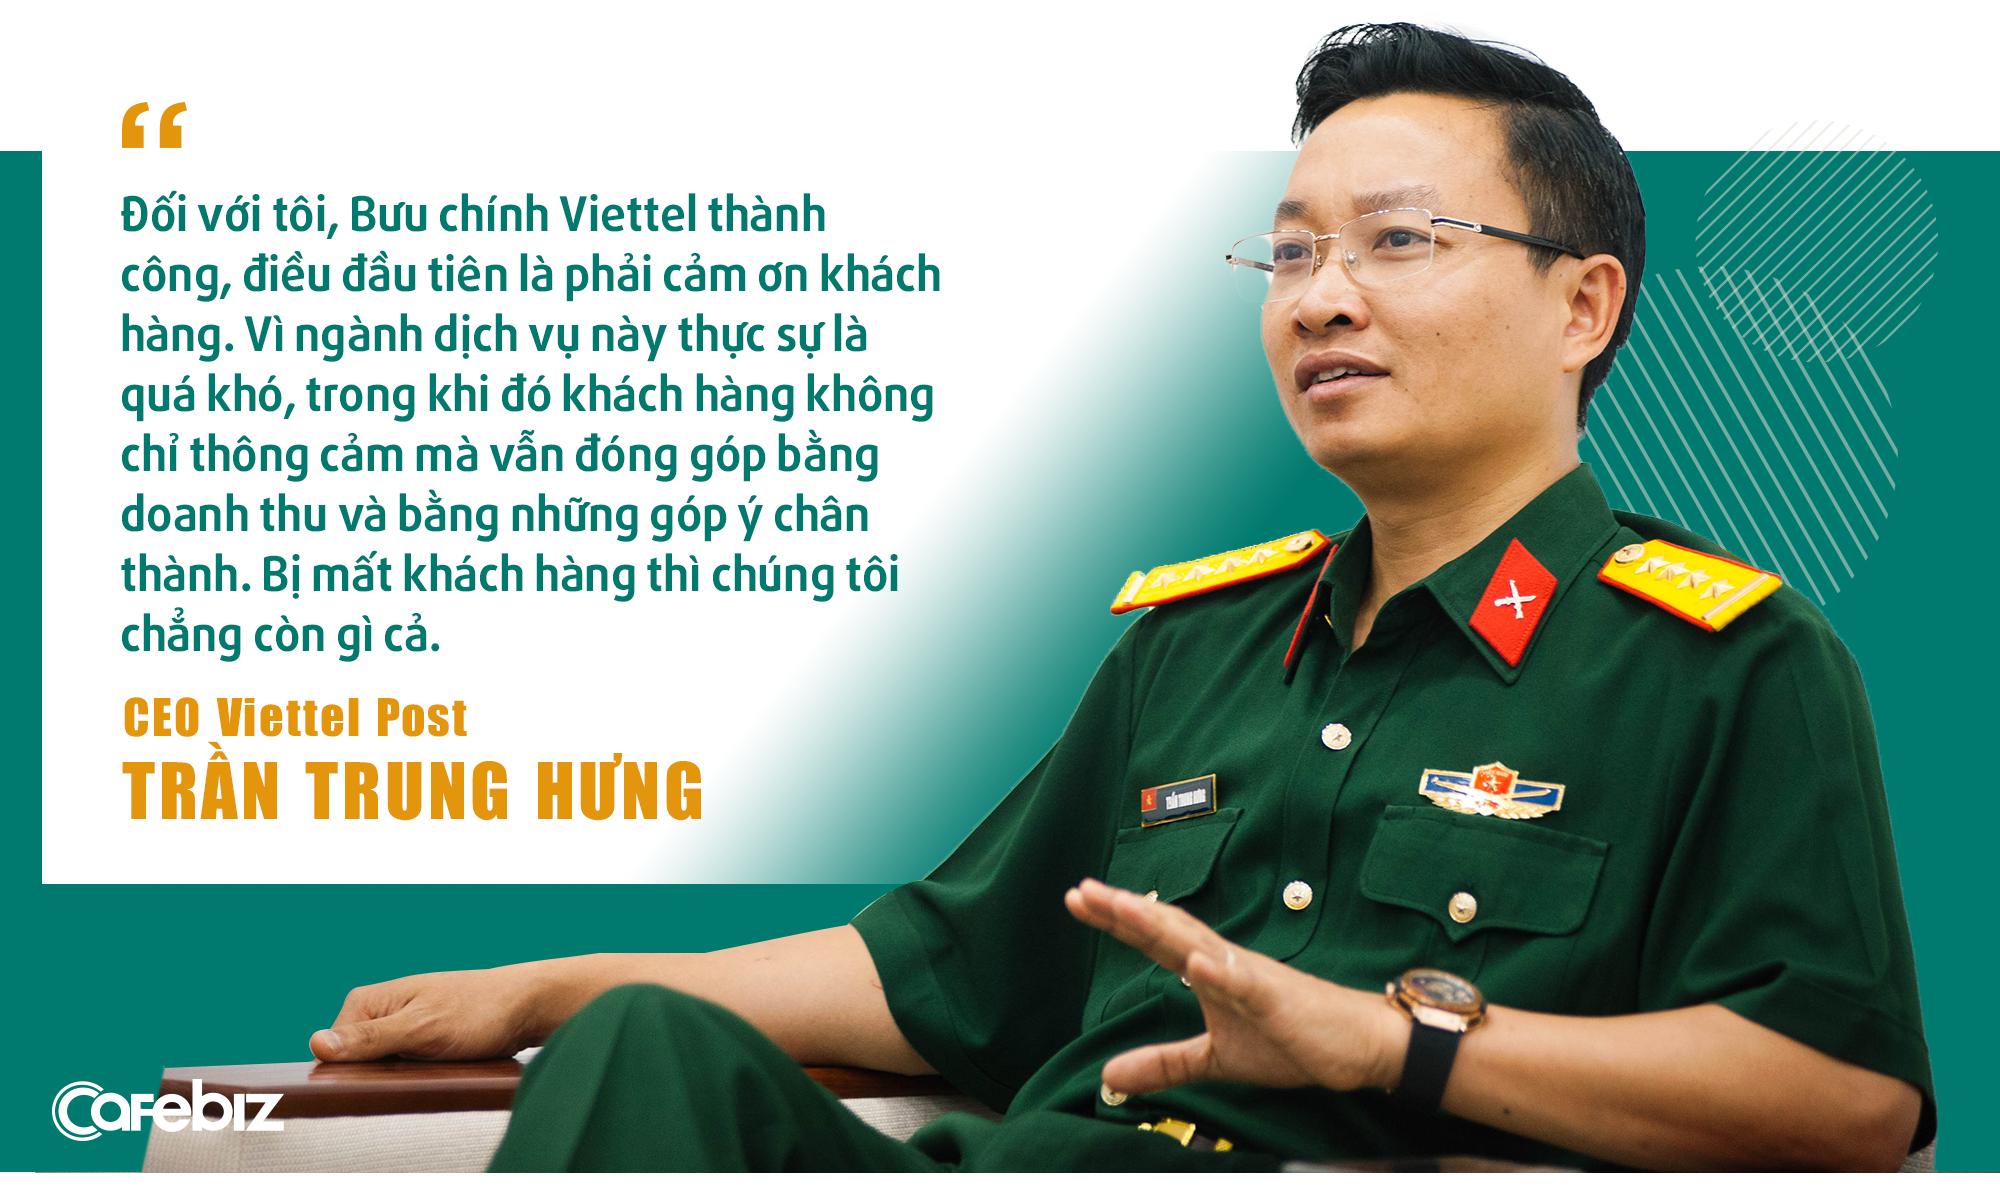 CEO Viettel Post Trần Trung Hưng: Hành trình từ nhân viên kinh doanh đến sếp tổng của 22.000 nhân sự - Ảnh 10.